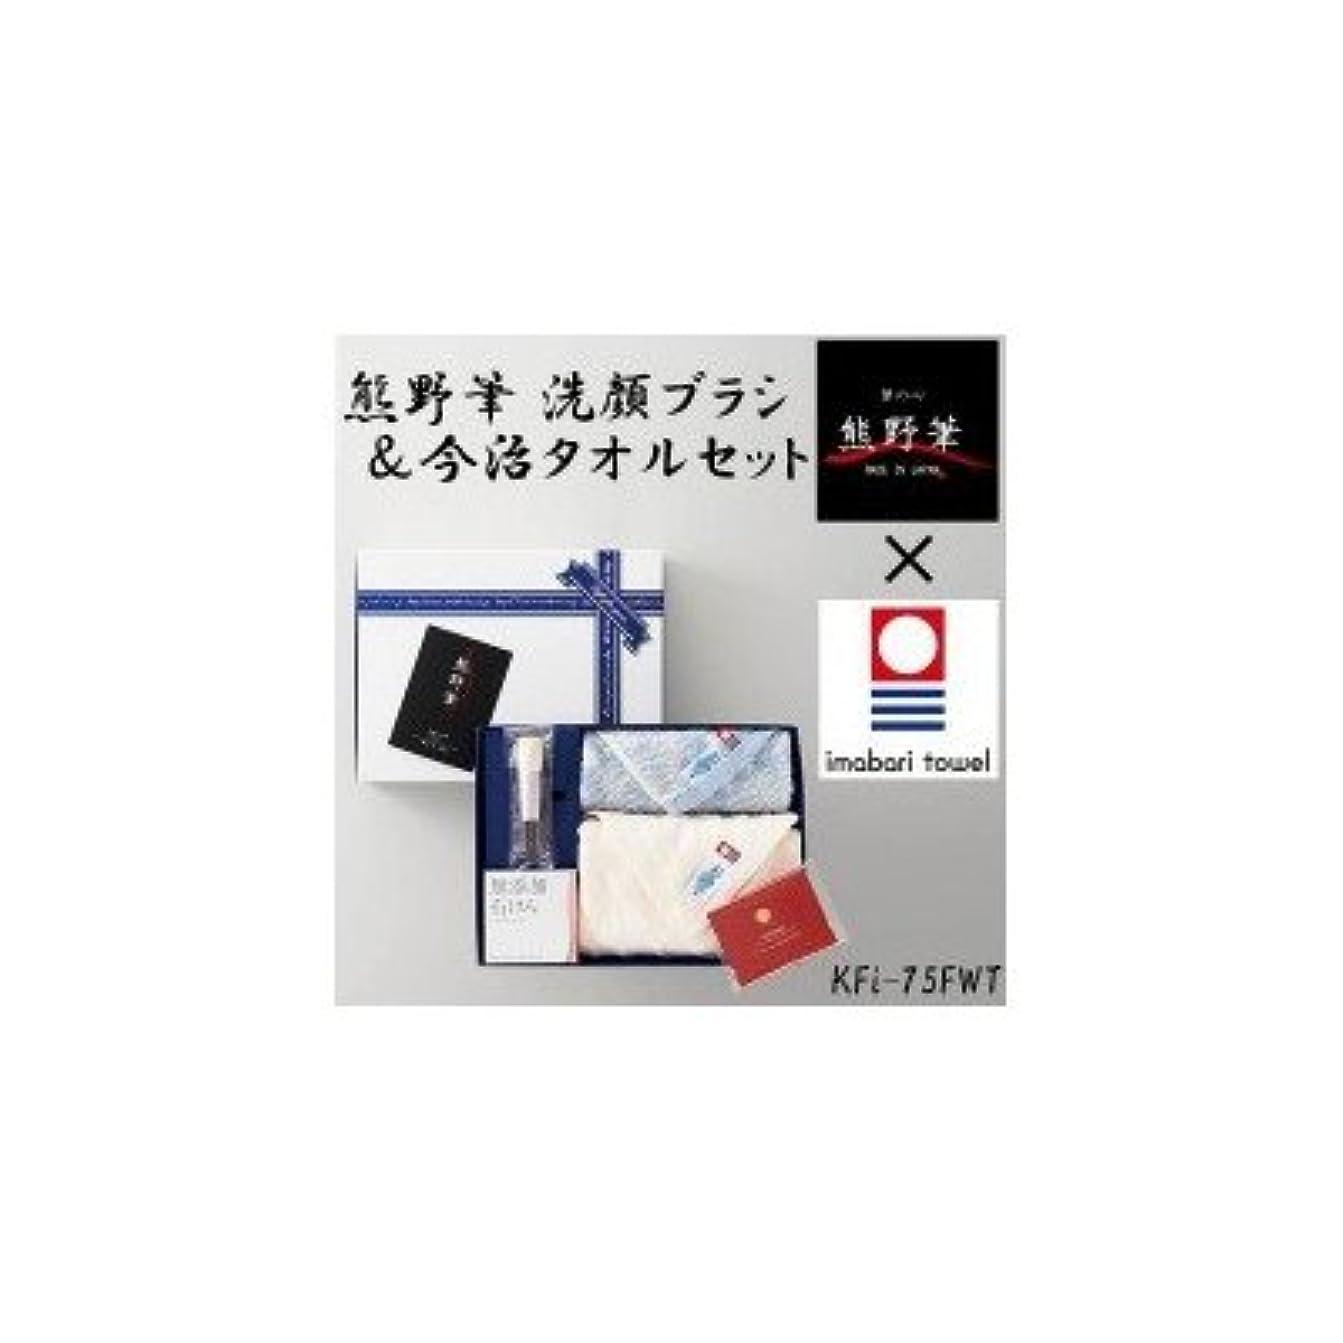 実行可能住む改善熊野筆と今治タオルのコラボレーション 熊野筆 洗顔ブラシ&今治タオルセット KFi-75FWT